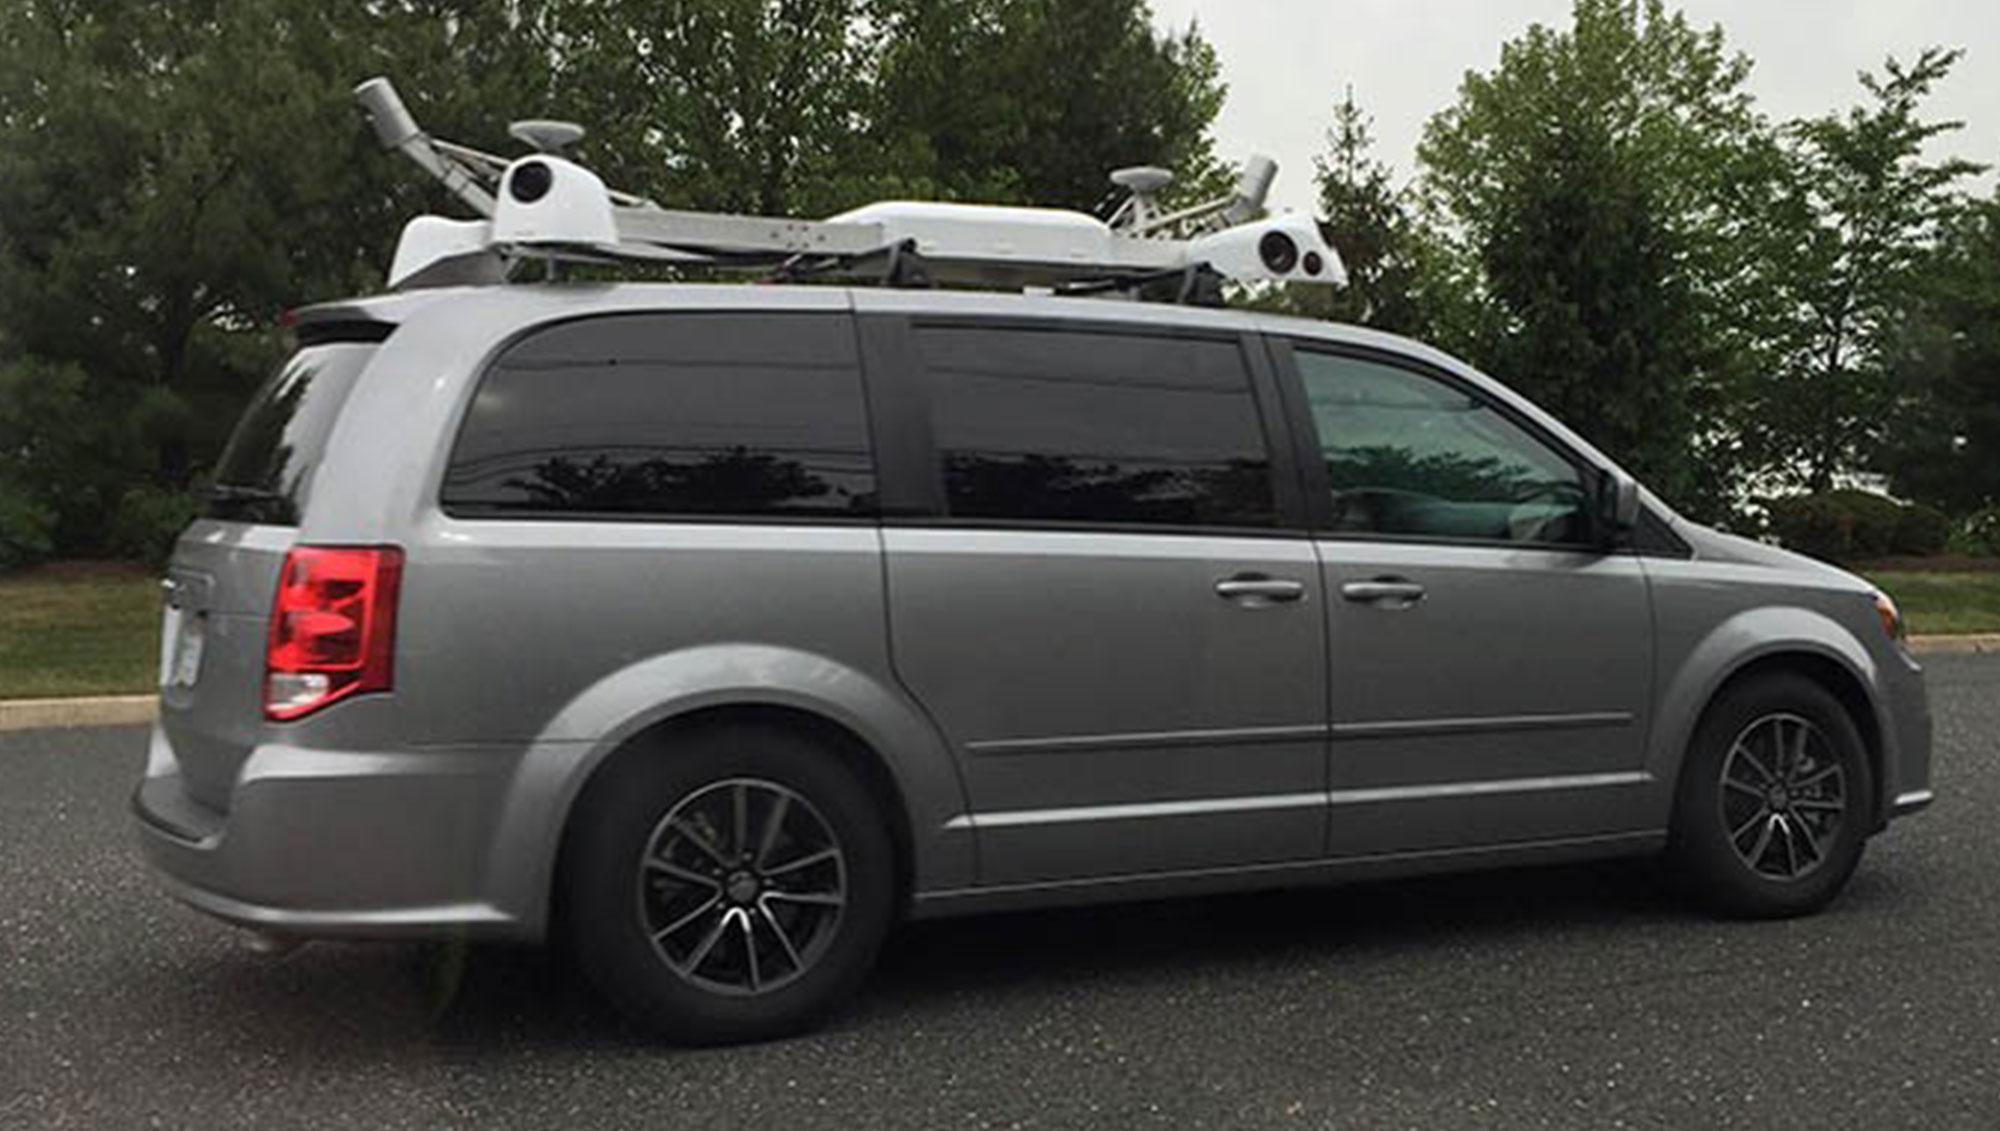 苹果自研 Apple Car 或将以电动商务车形式出现